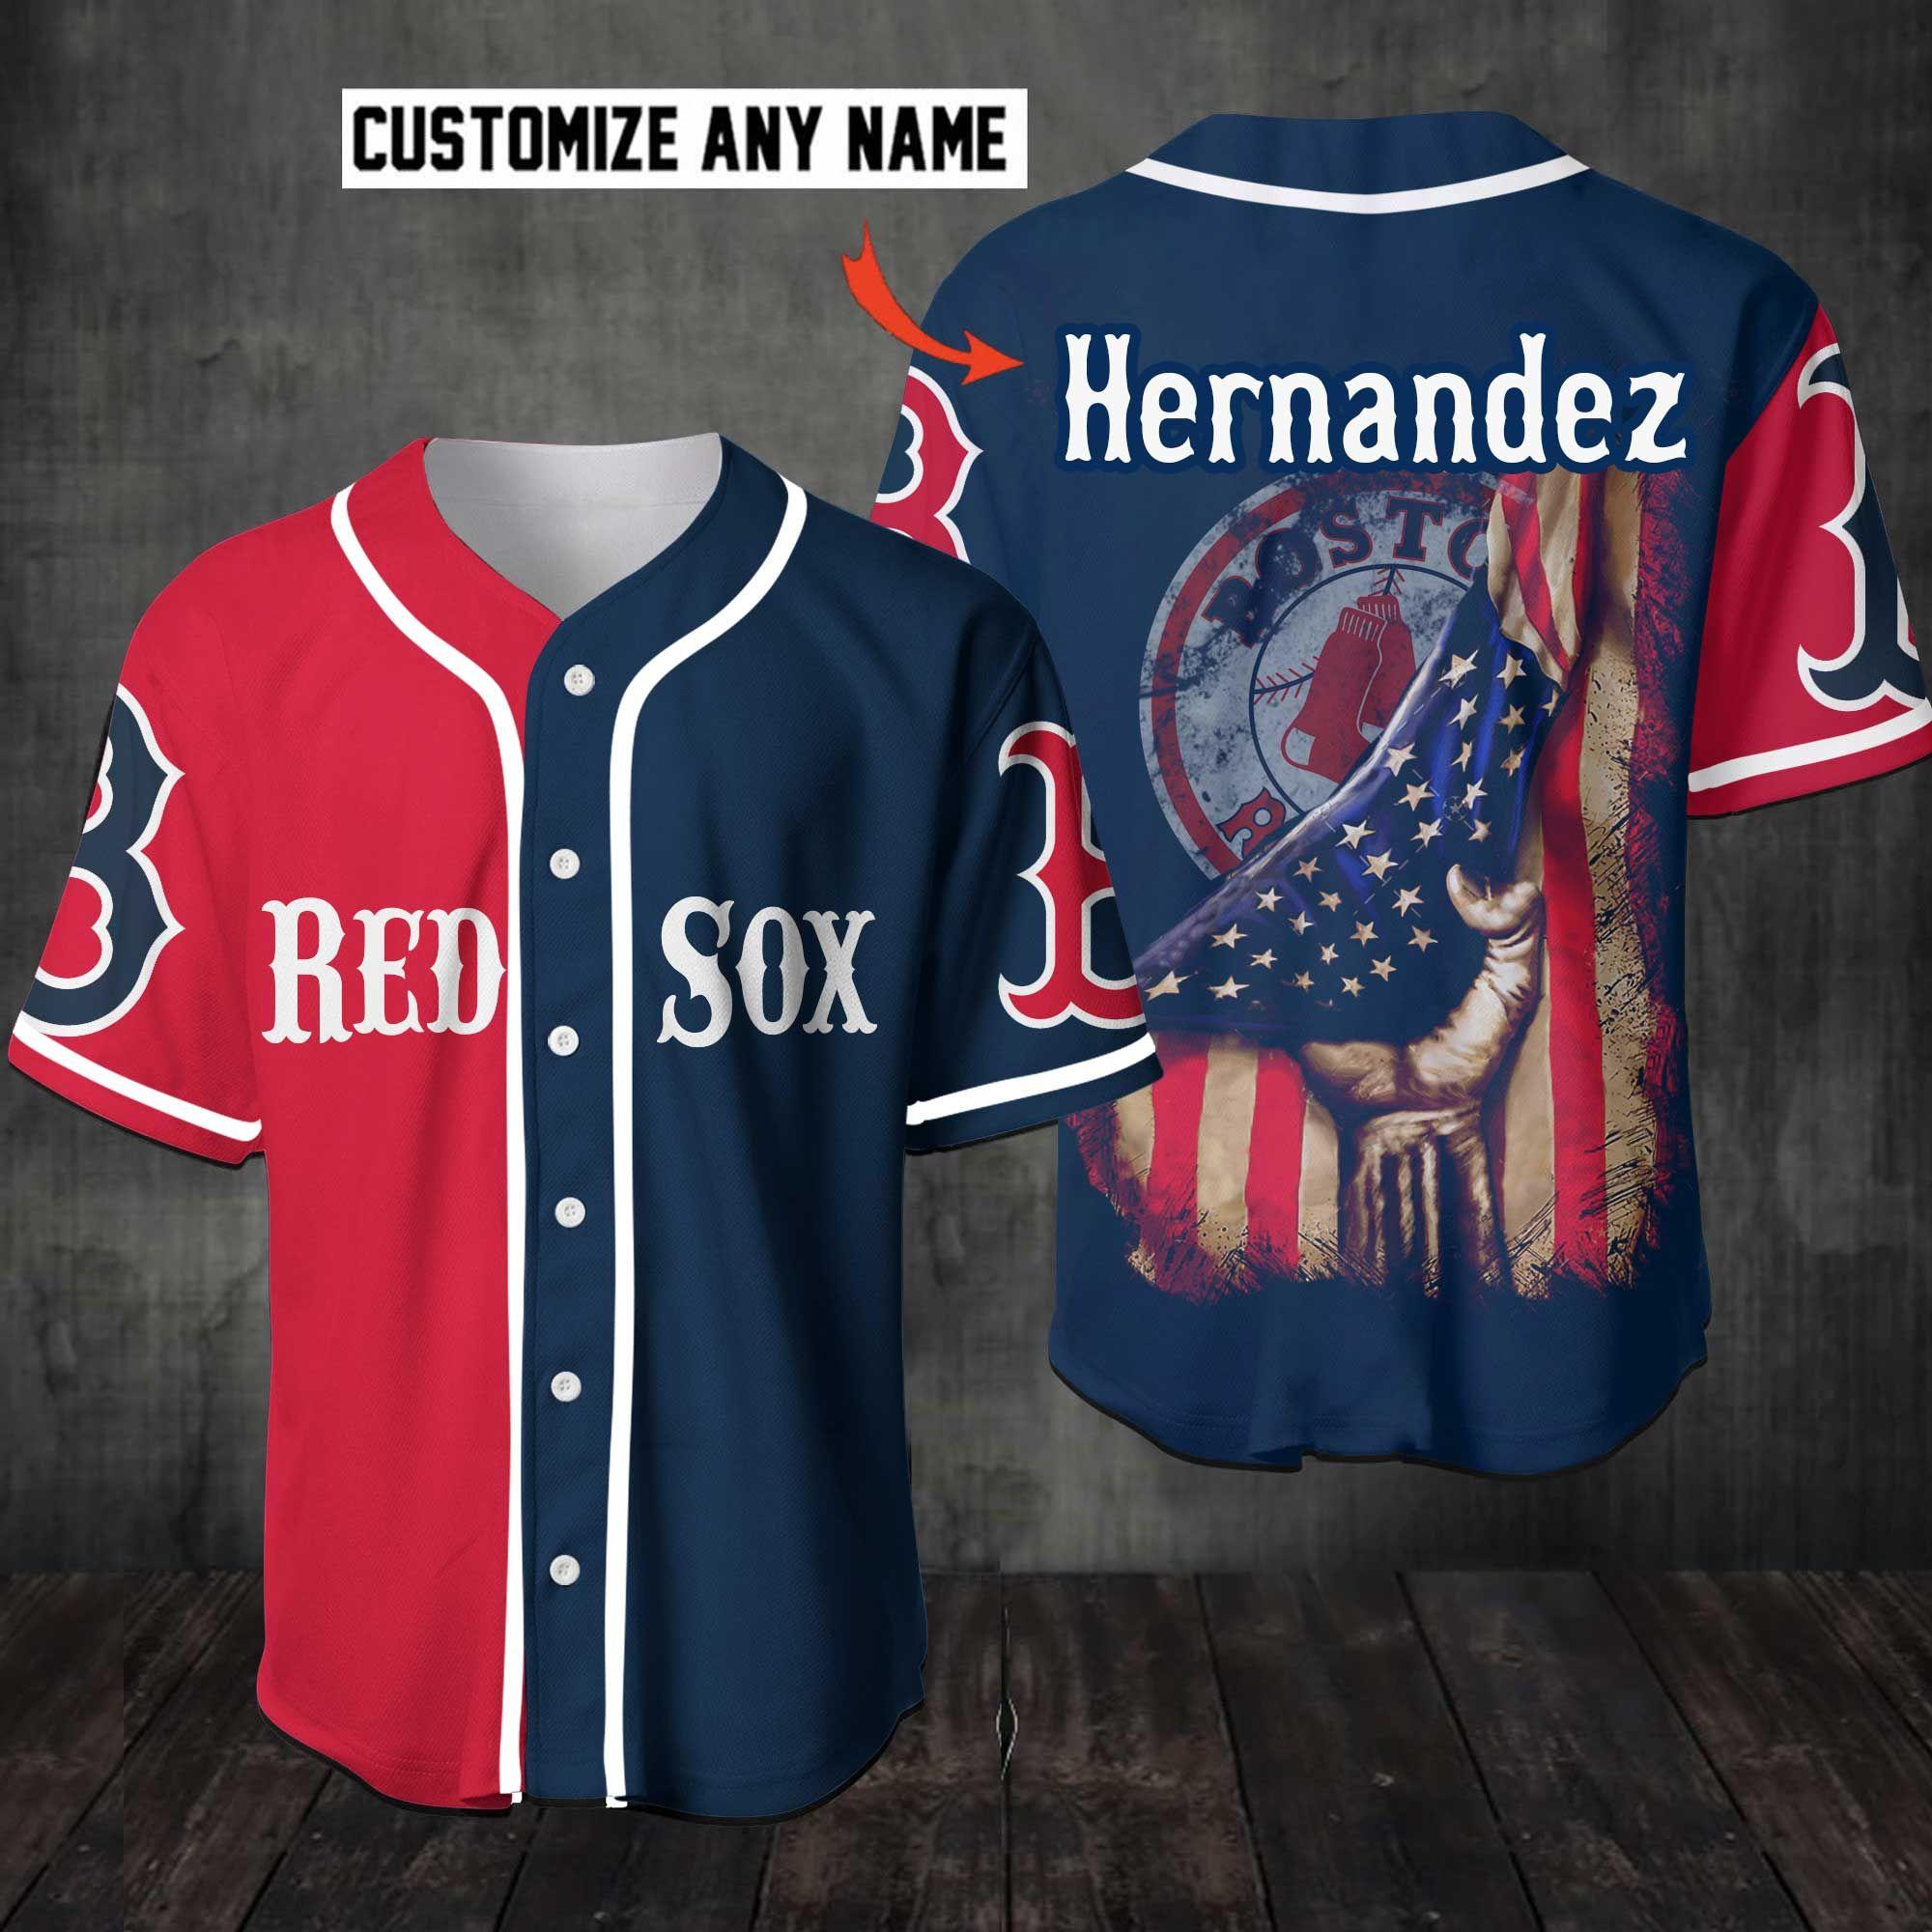 Red Sox Baseball Jersey shirt Customize Name